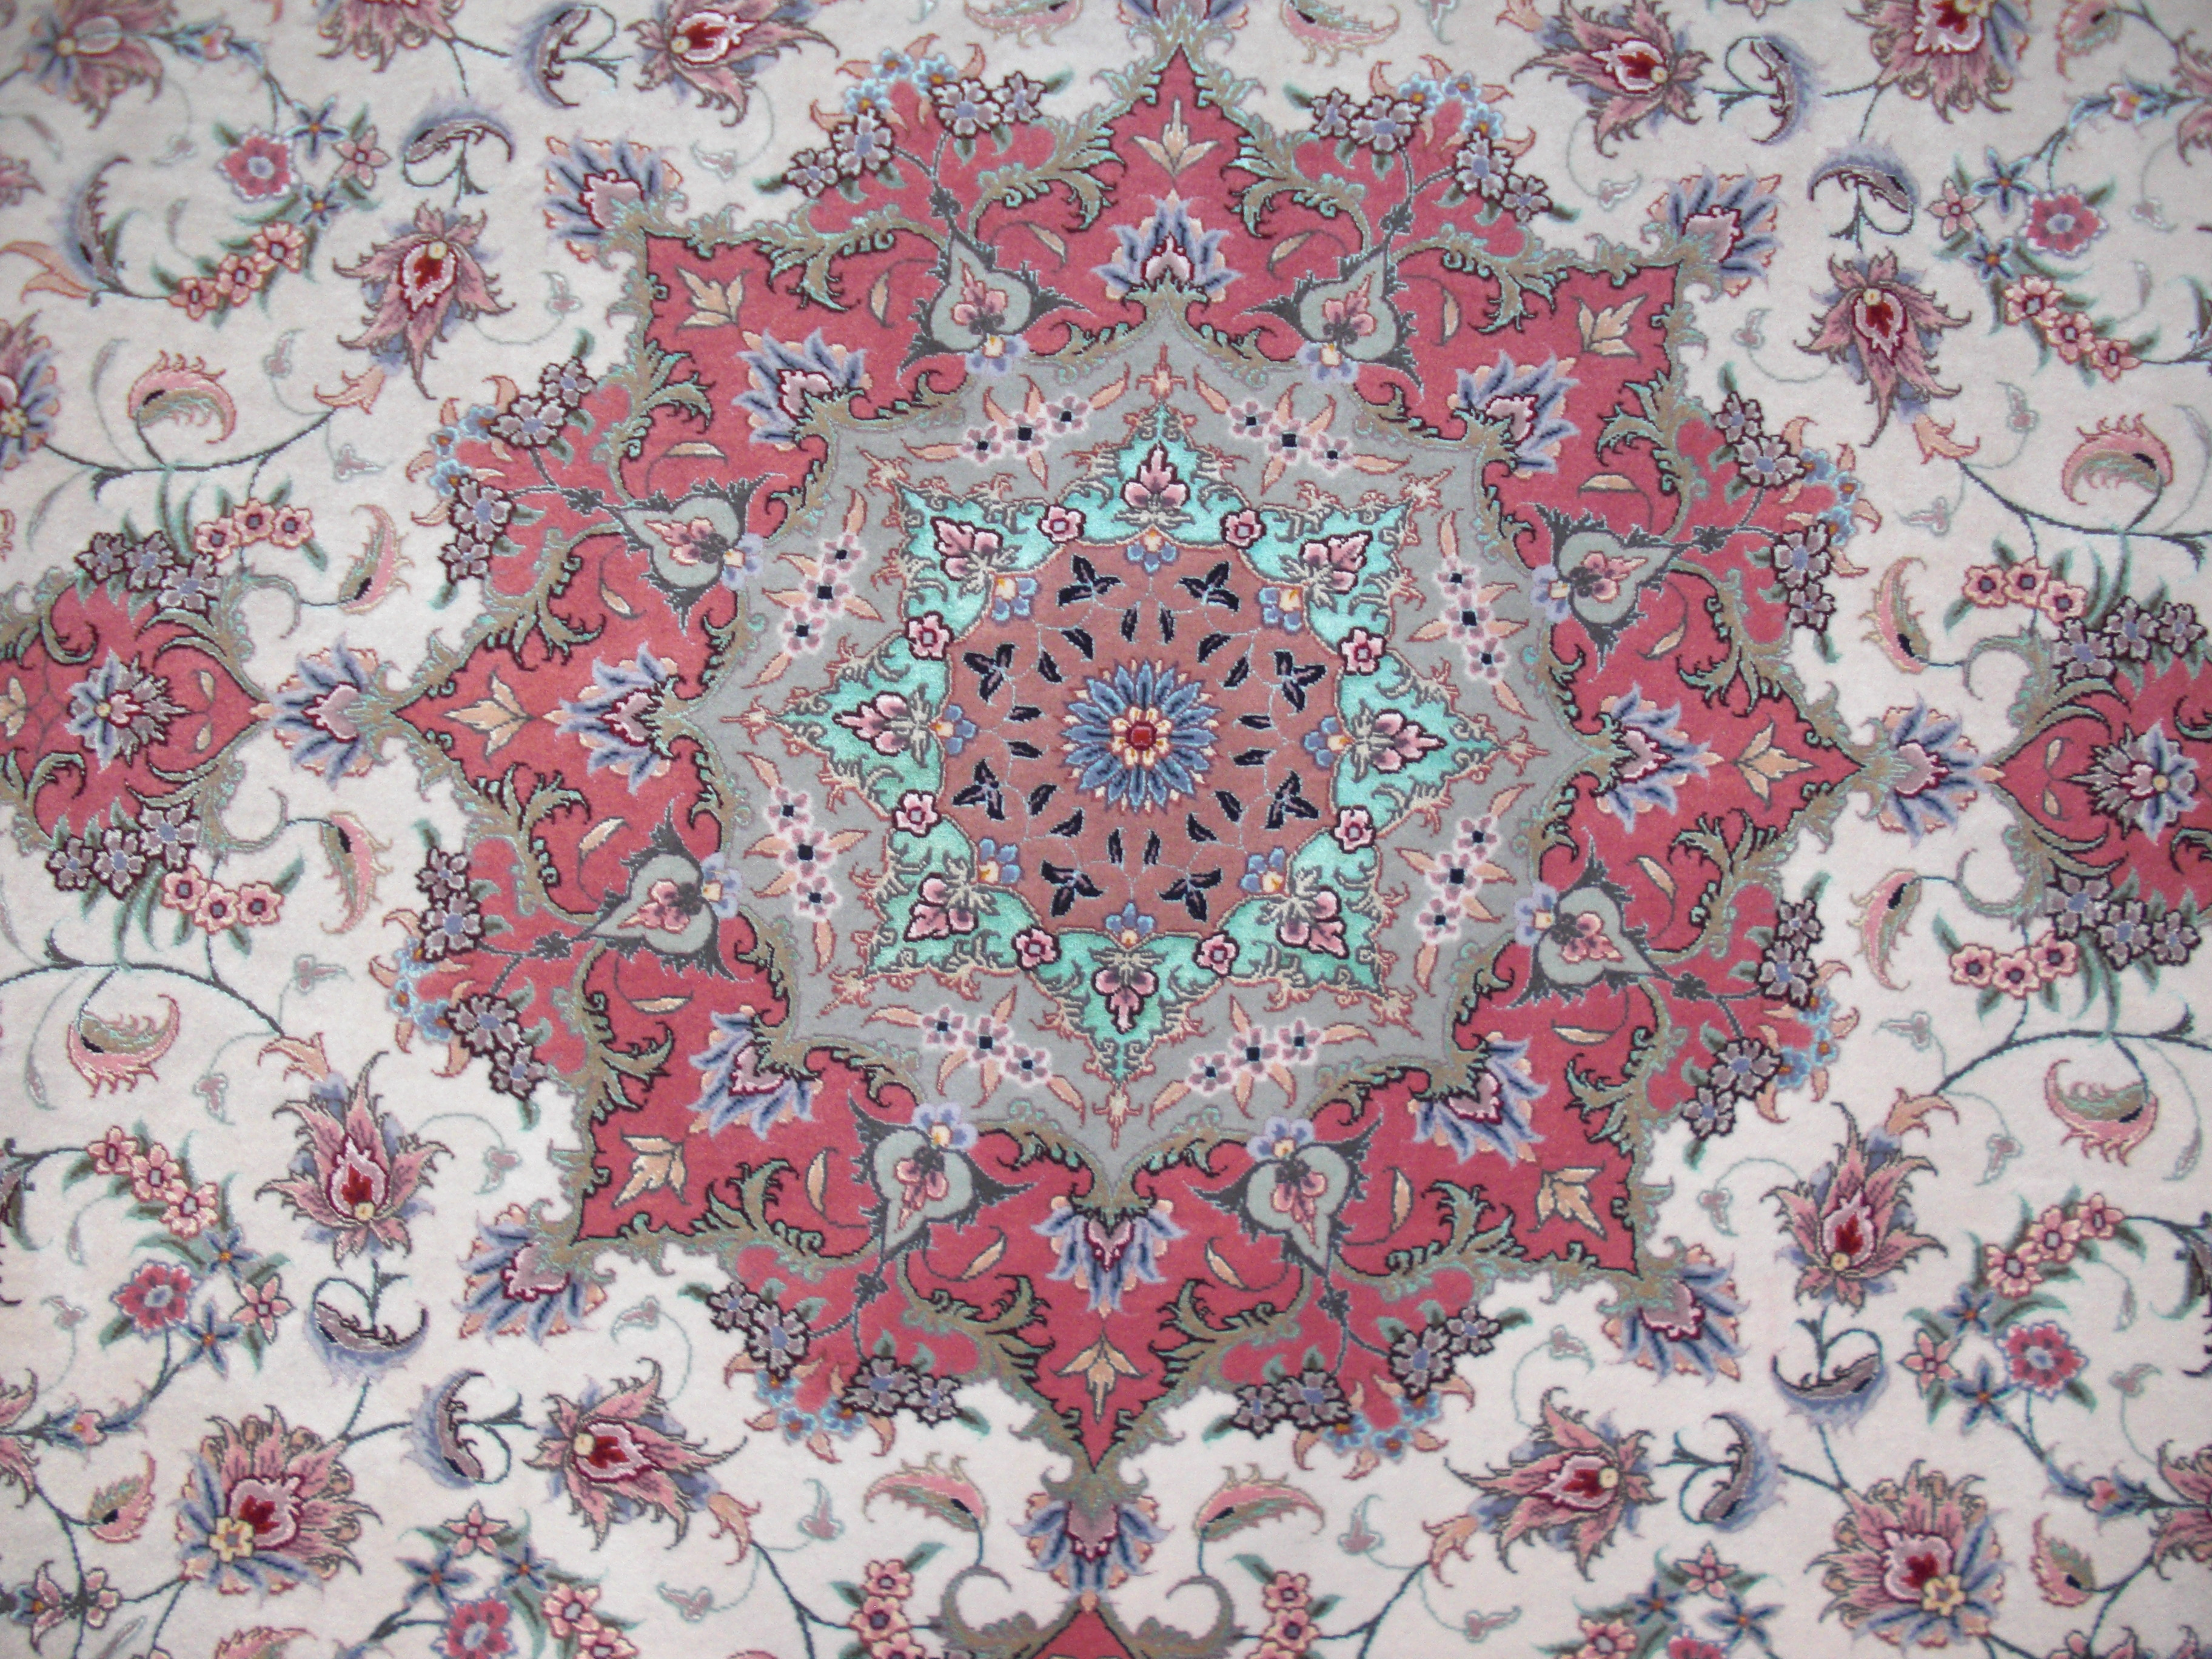 Alfombra tabriz redonda alfombras y kilims persas for Alfombras persas redondas